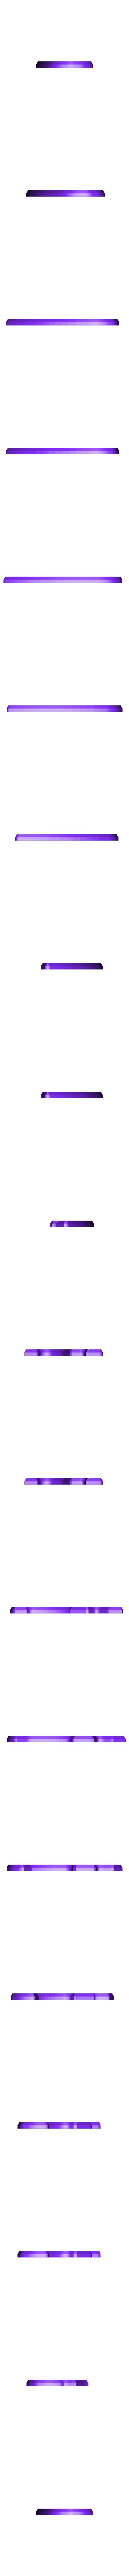 Amg_poign%C3%A9e_gauche.stl Télécharger fichier STL gratuit Roue de course AMG GT3 DIY • Objet imprimable en 3D, Aliasze13